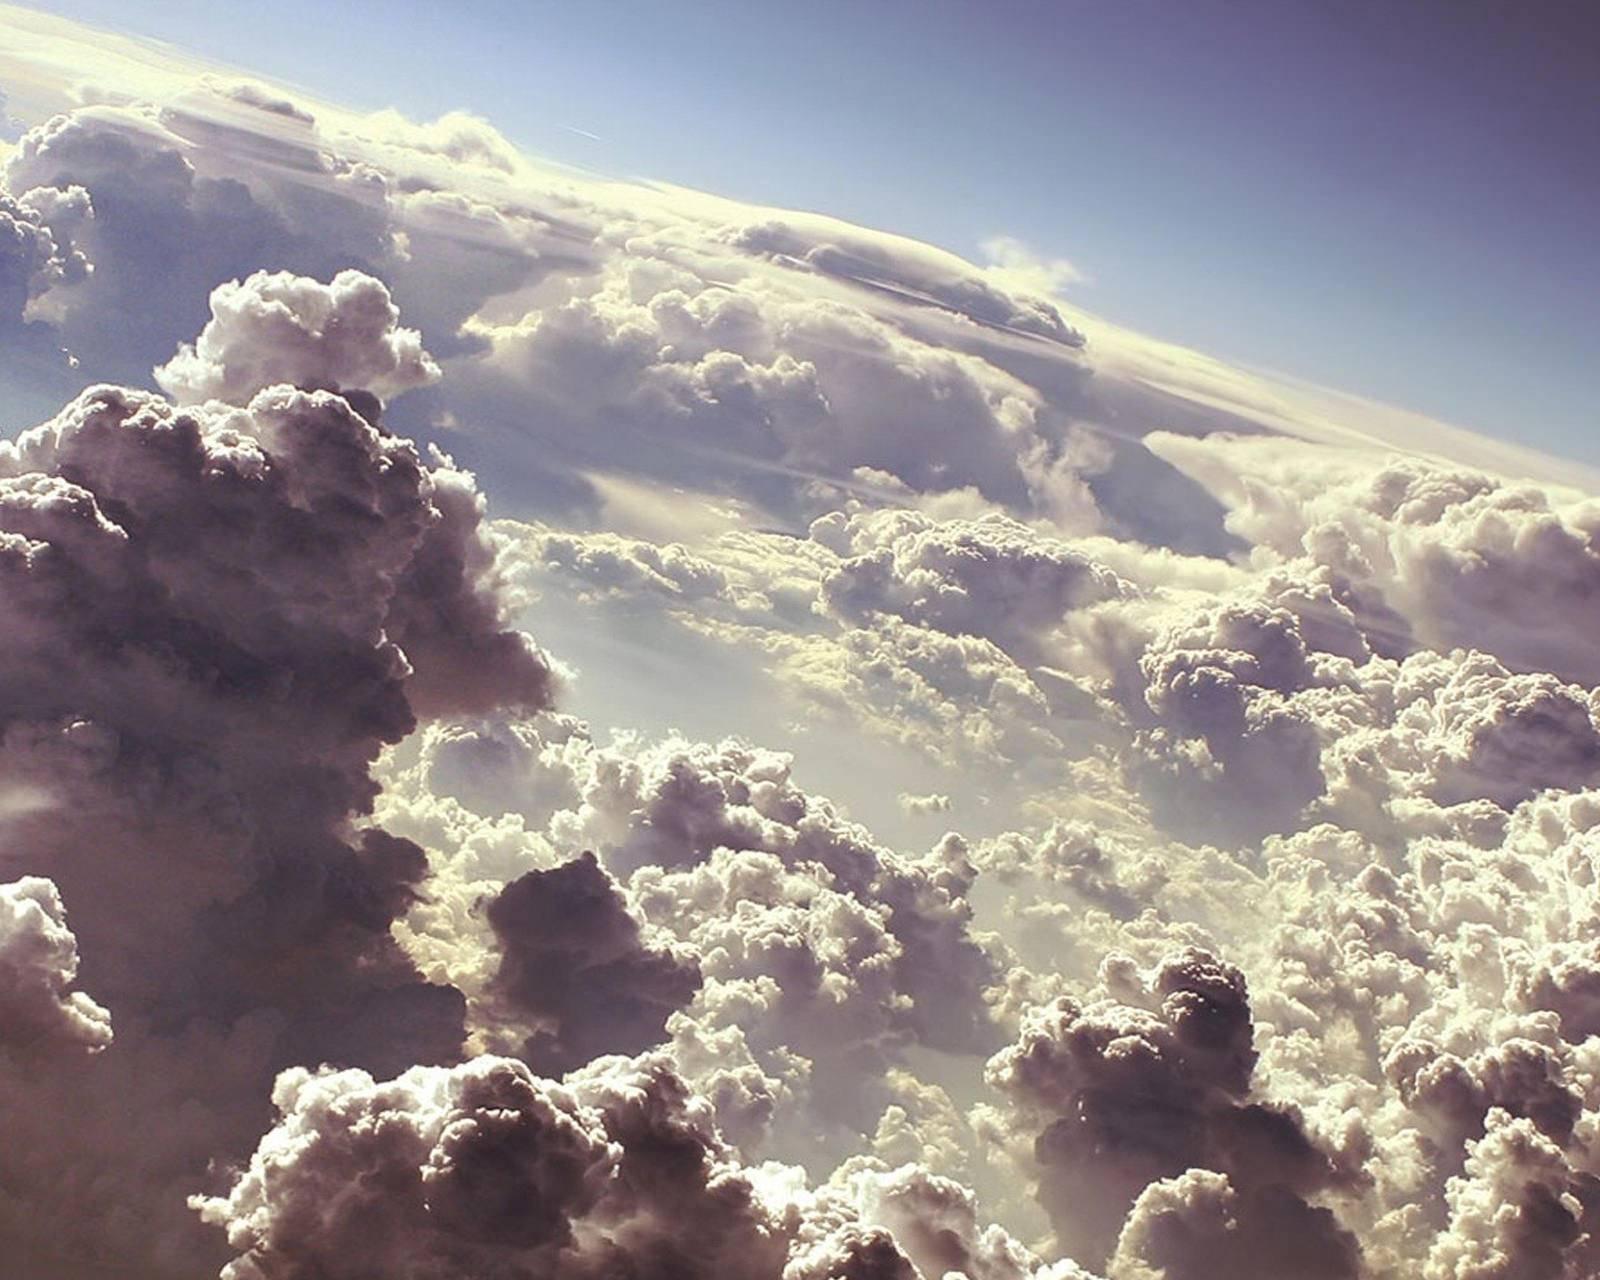 Space Clouds Hd